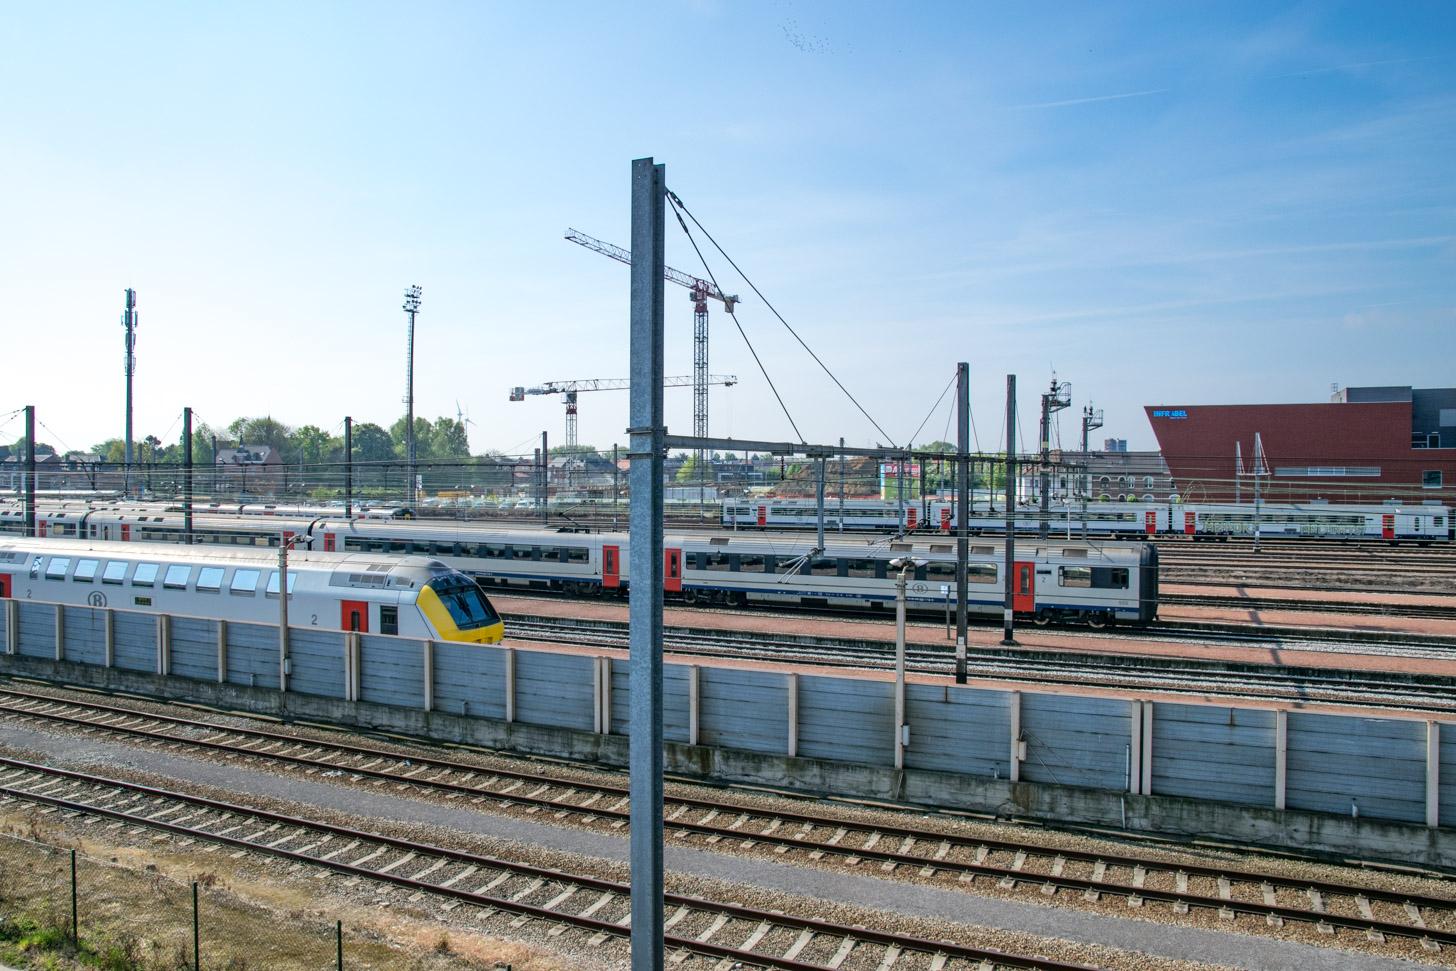 Met de trein naar Hasselt